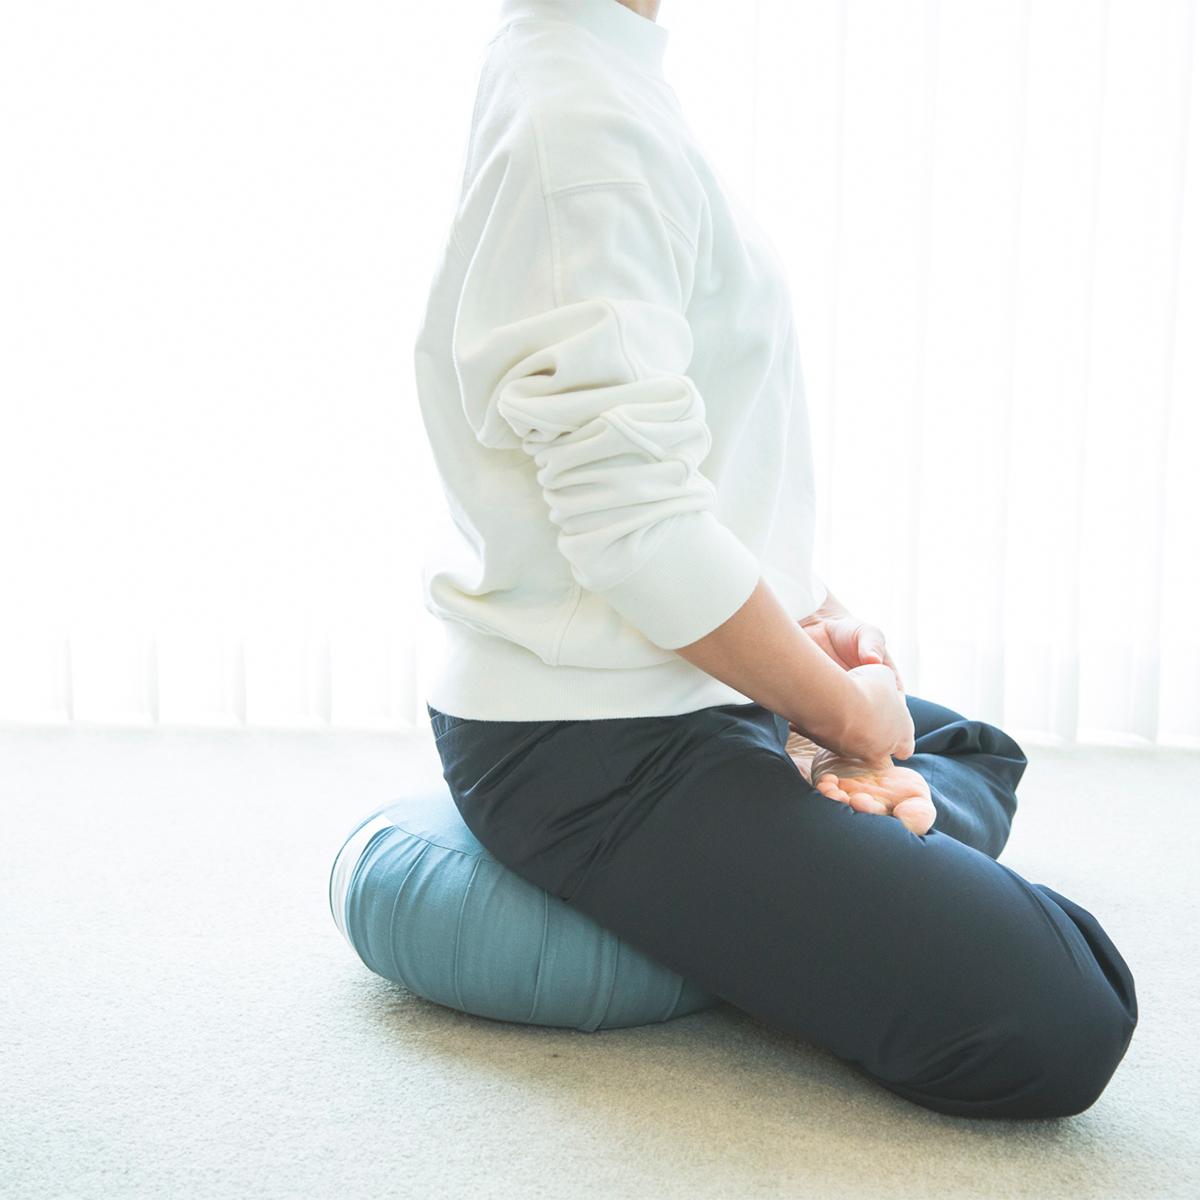 リビングや寝室などお家で。姿勢を安定させ、呼吸への集中をサポートしてくれる坐禅蒲団(坐蒲)・瞑想用クッション| ZAF(ザフ)